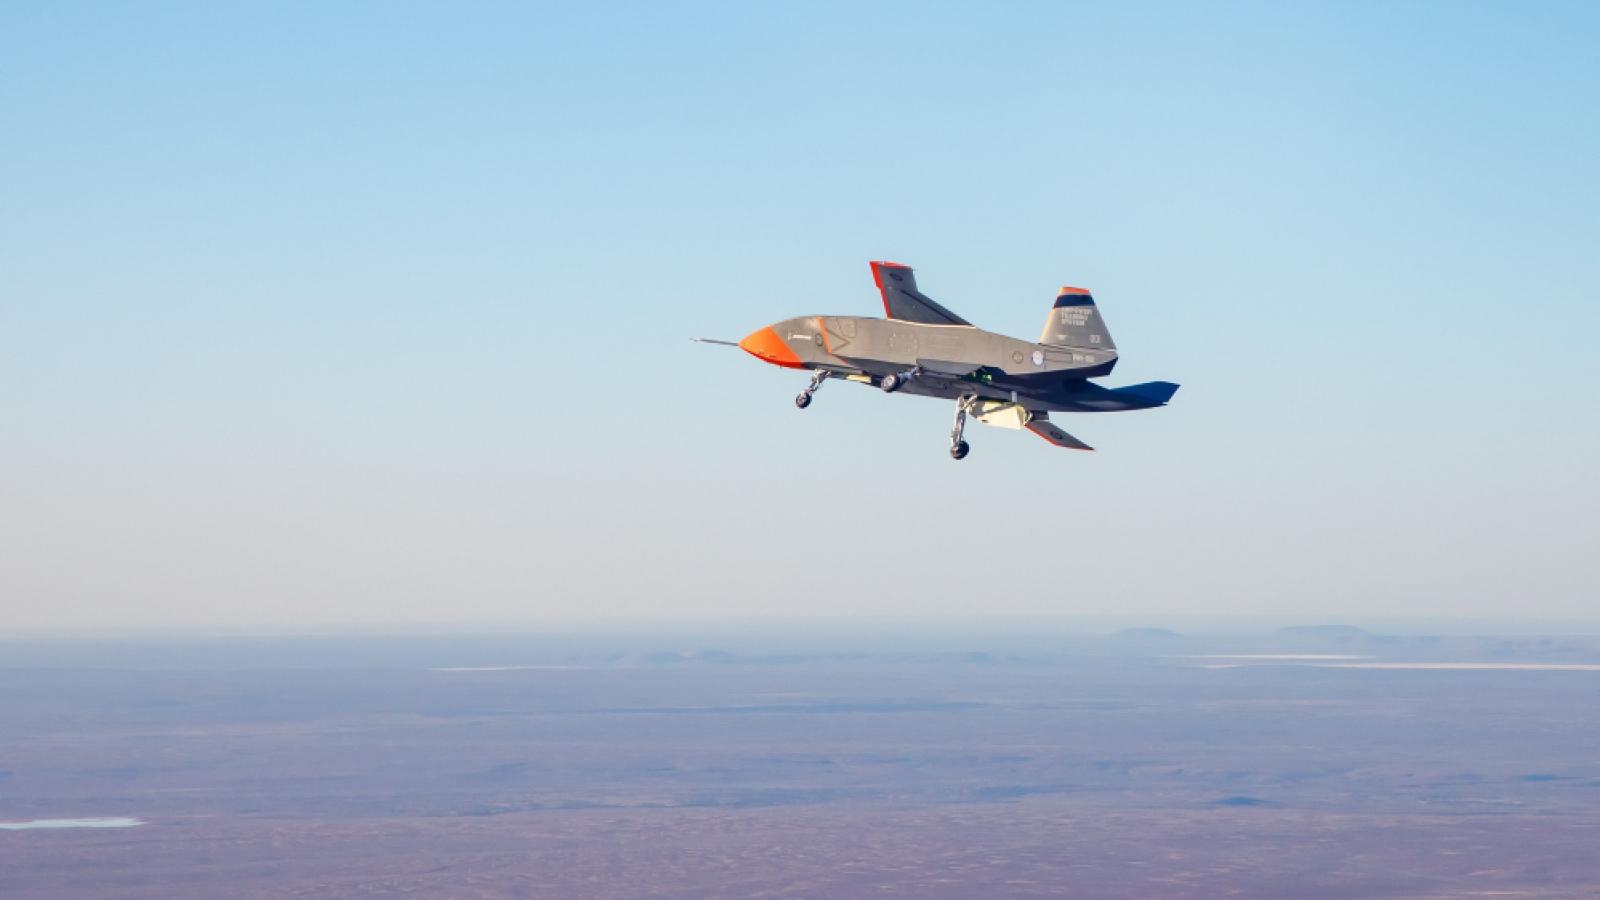 Australia thử nghiệm thành công máy bay không người lái quân sự đầu tiên